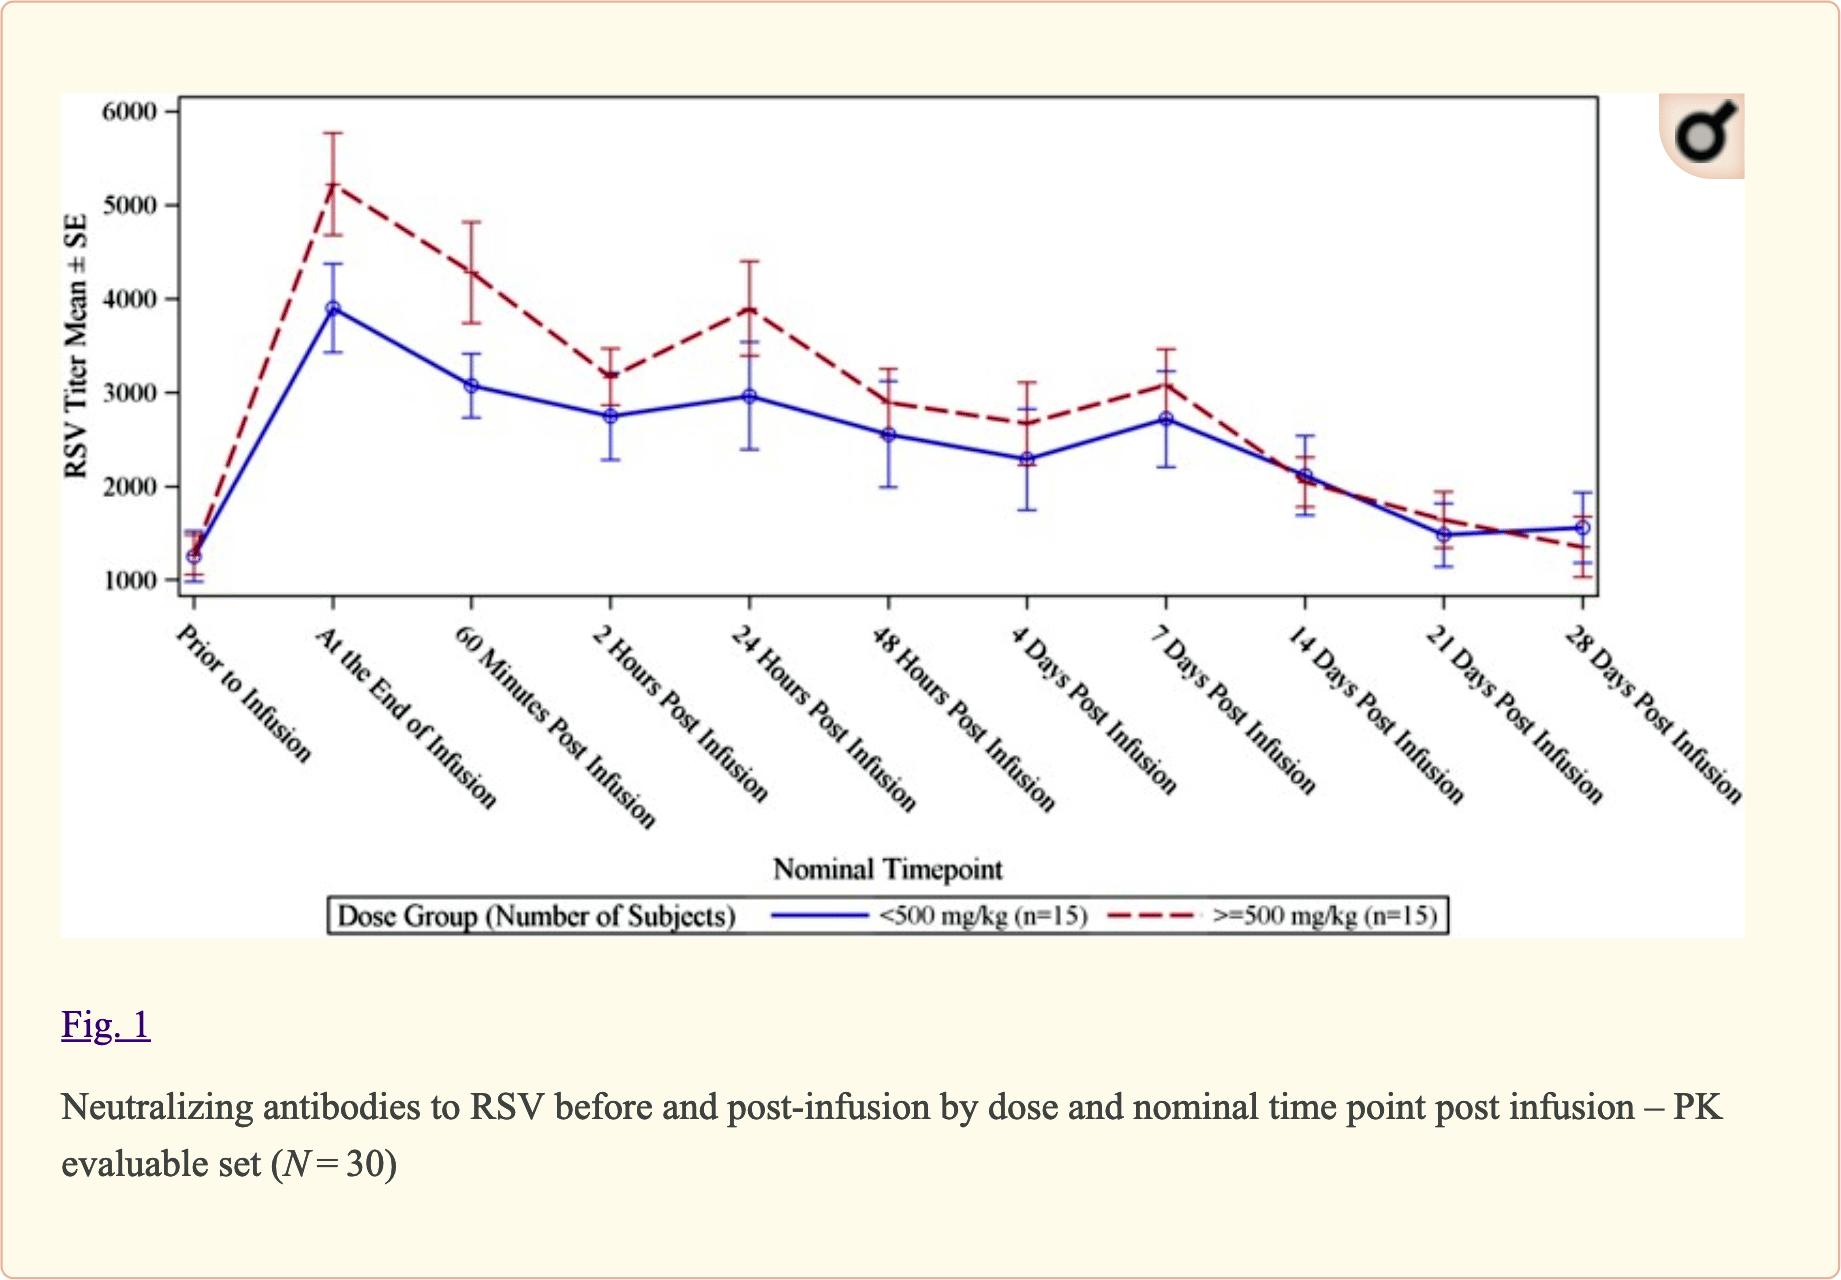 asceniv clinical trial results 03 - «Асценив»: новейший иммуноглобулин для борьбы с первичным гуморальным иммунодефицитом